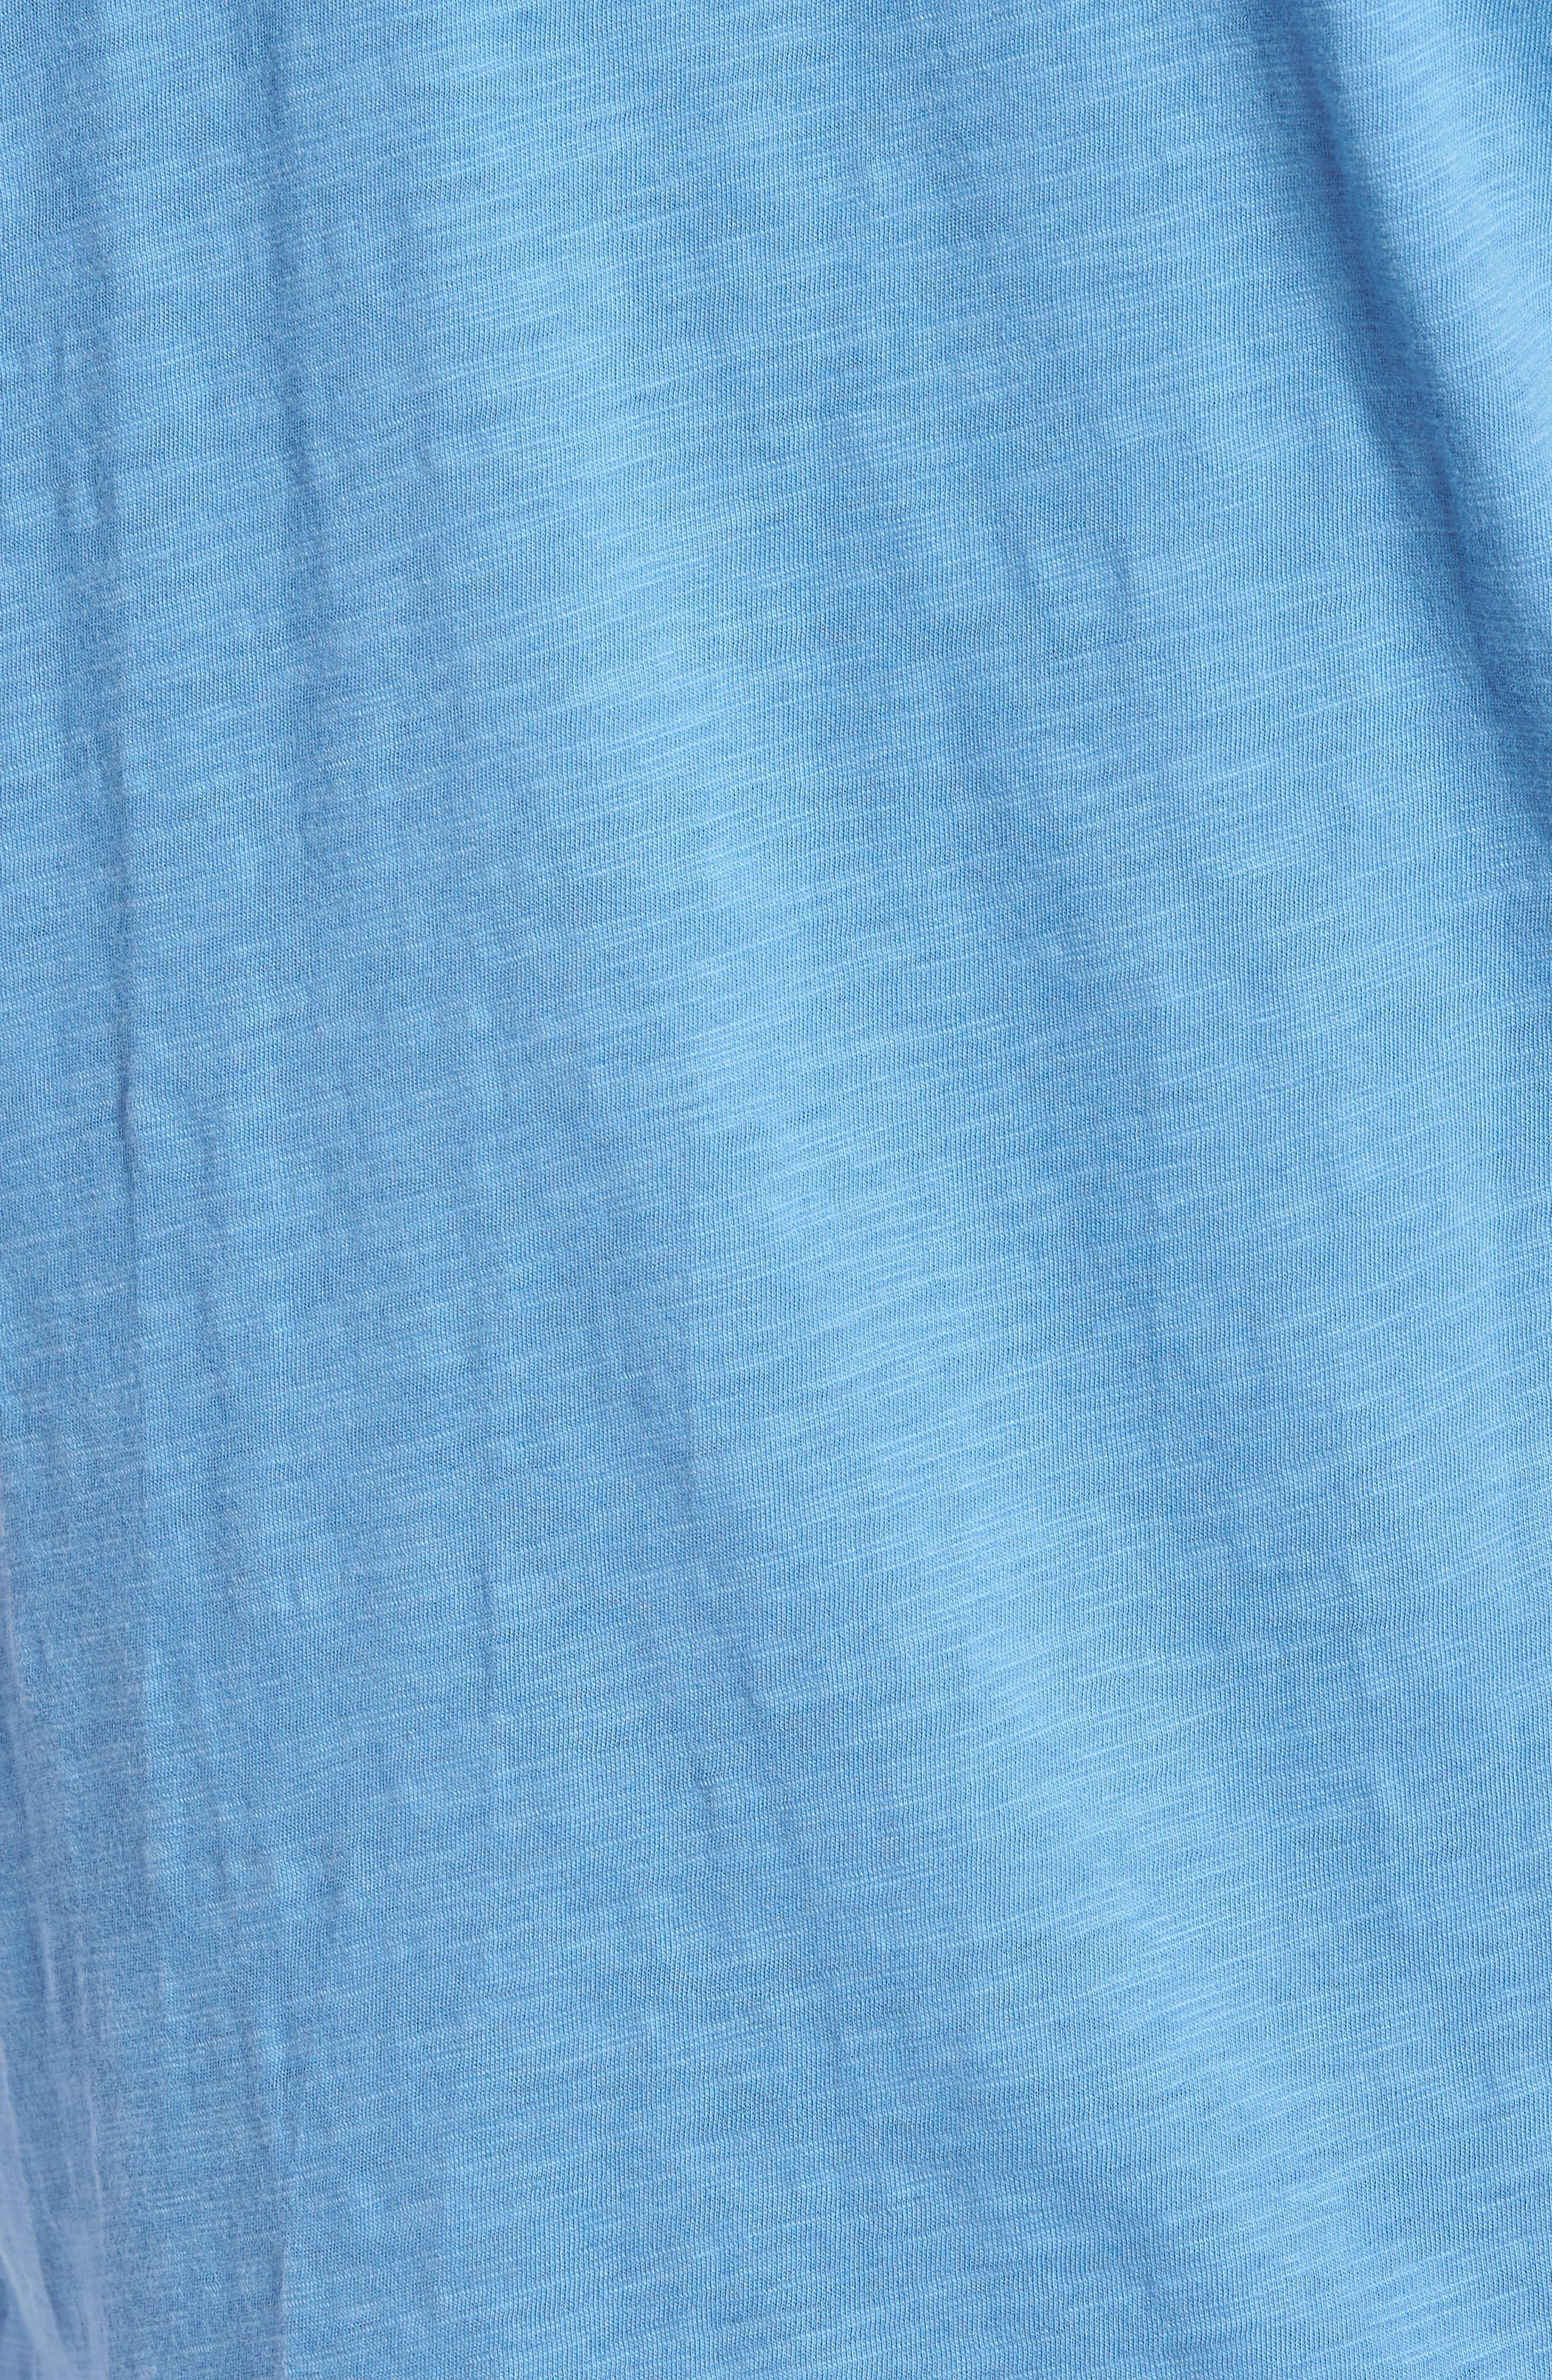 Slim Fit Slubbed V-Neck T-Shirt,                             Alternate thumbnail 5, color,                             Petrol Blue